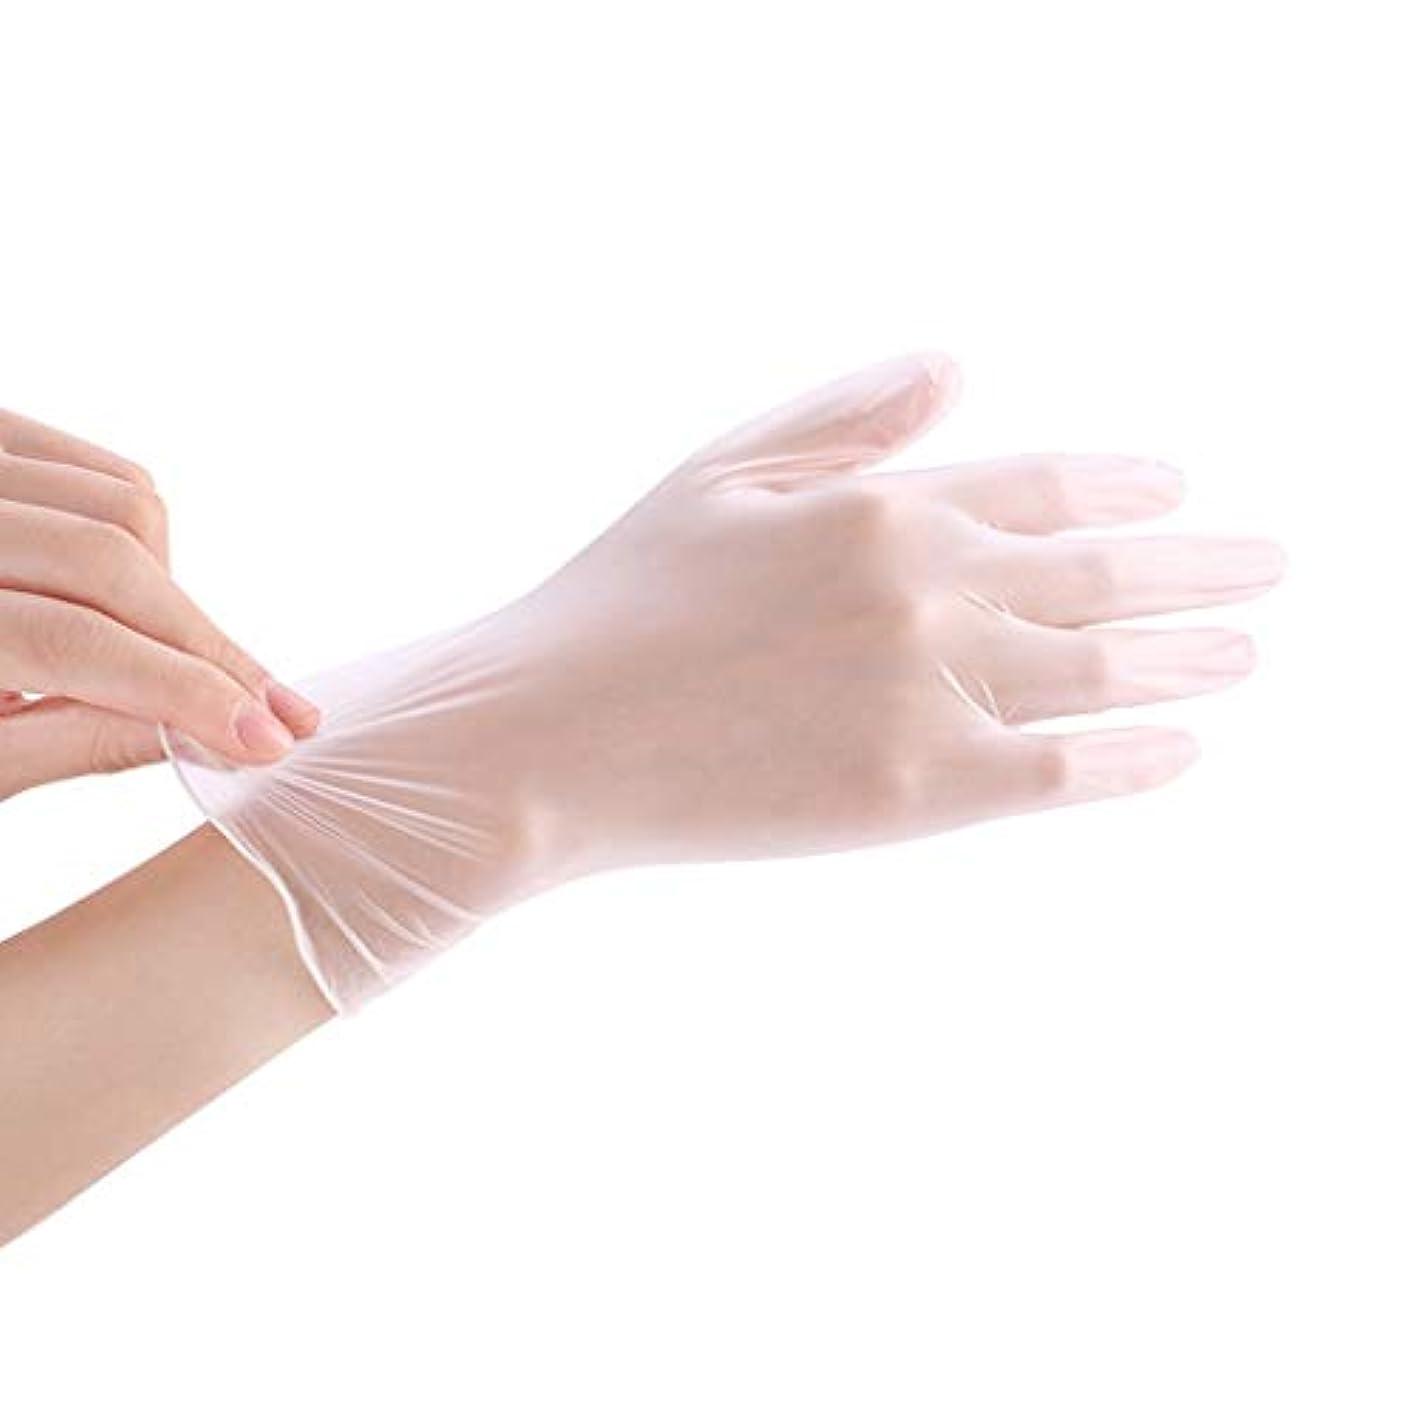 シマウマ余暇変装使い捨て透明食品ケータリンググレードPVC手袋美容キッチンベーキングフィルム手袋200 YANW (色 : トランスペアレント, サイズ さいず : L l)